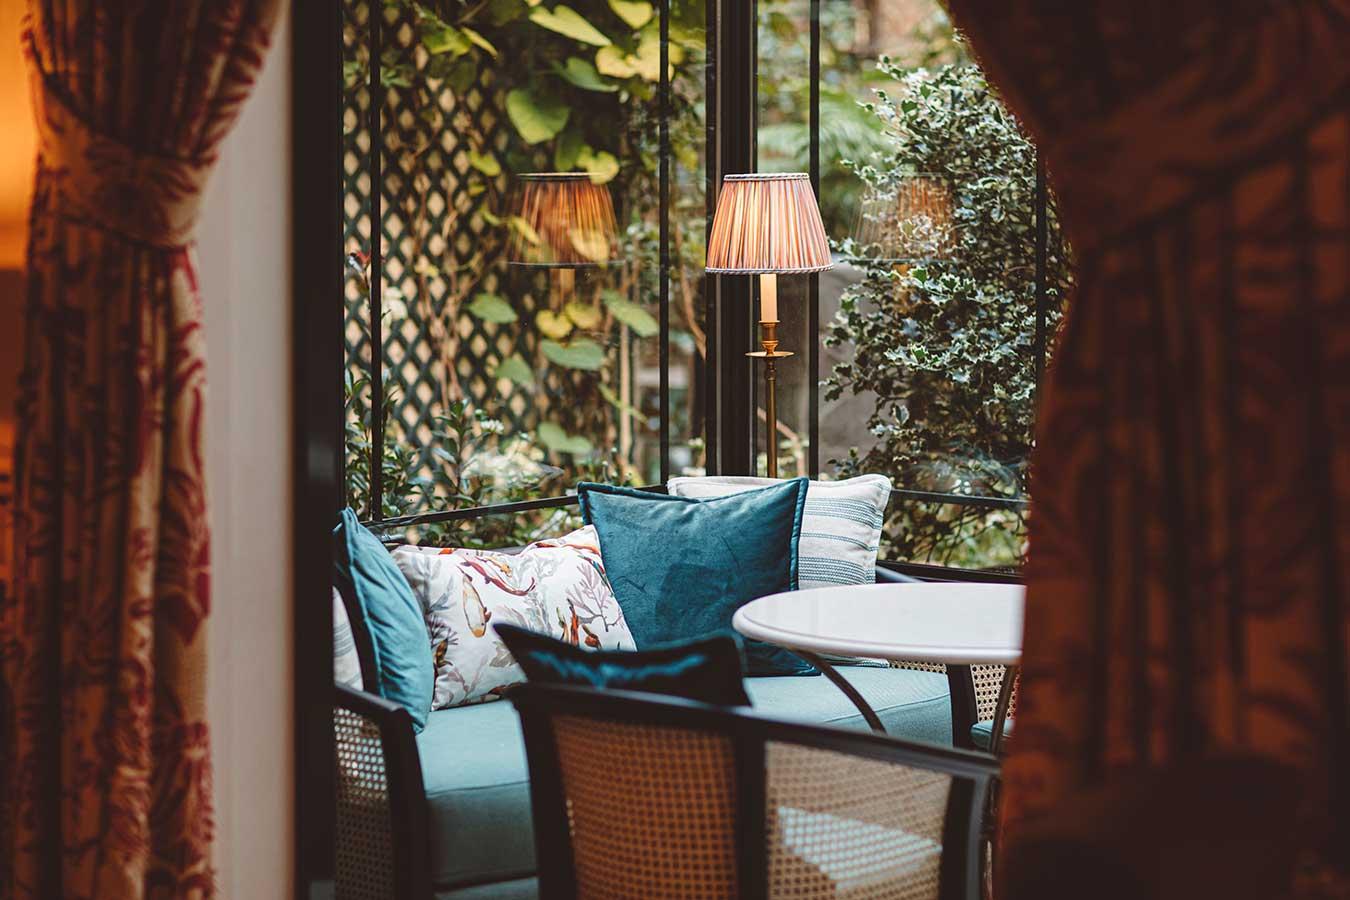 Salon - Table ronde en marbre, canapé avec coussins, fauteuil sous une verrière ensoleillée donnant sur le jardin dans une harmonie de vert, noir et blanc